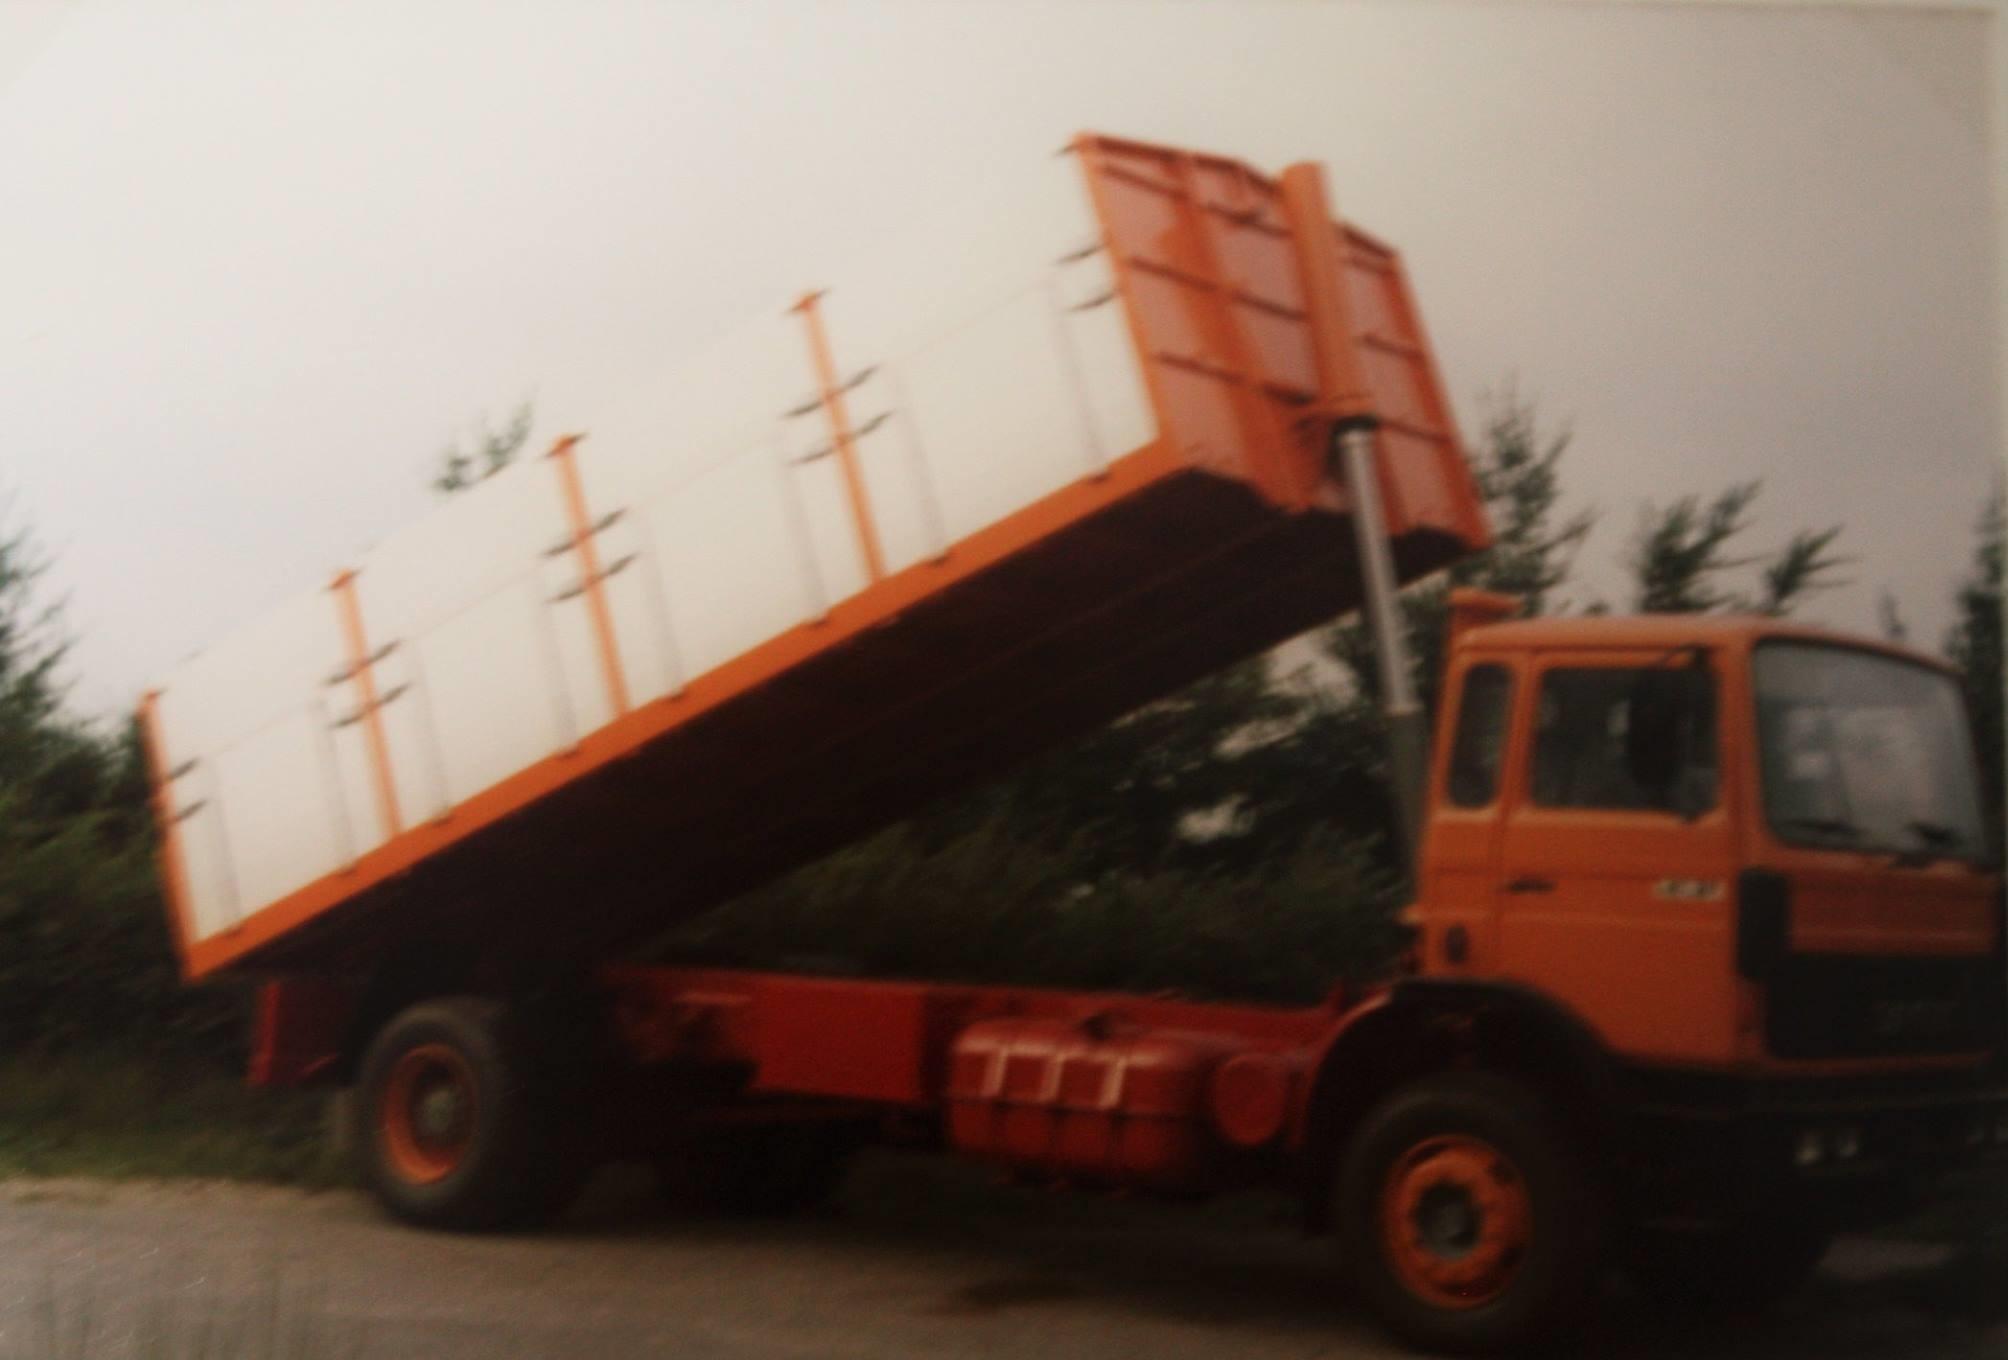 Saviem--bulkwagen-door-Rondaan-gebouwd--2